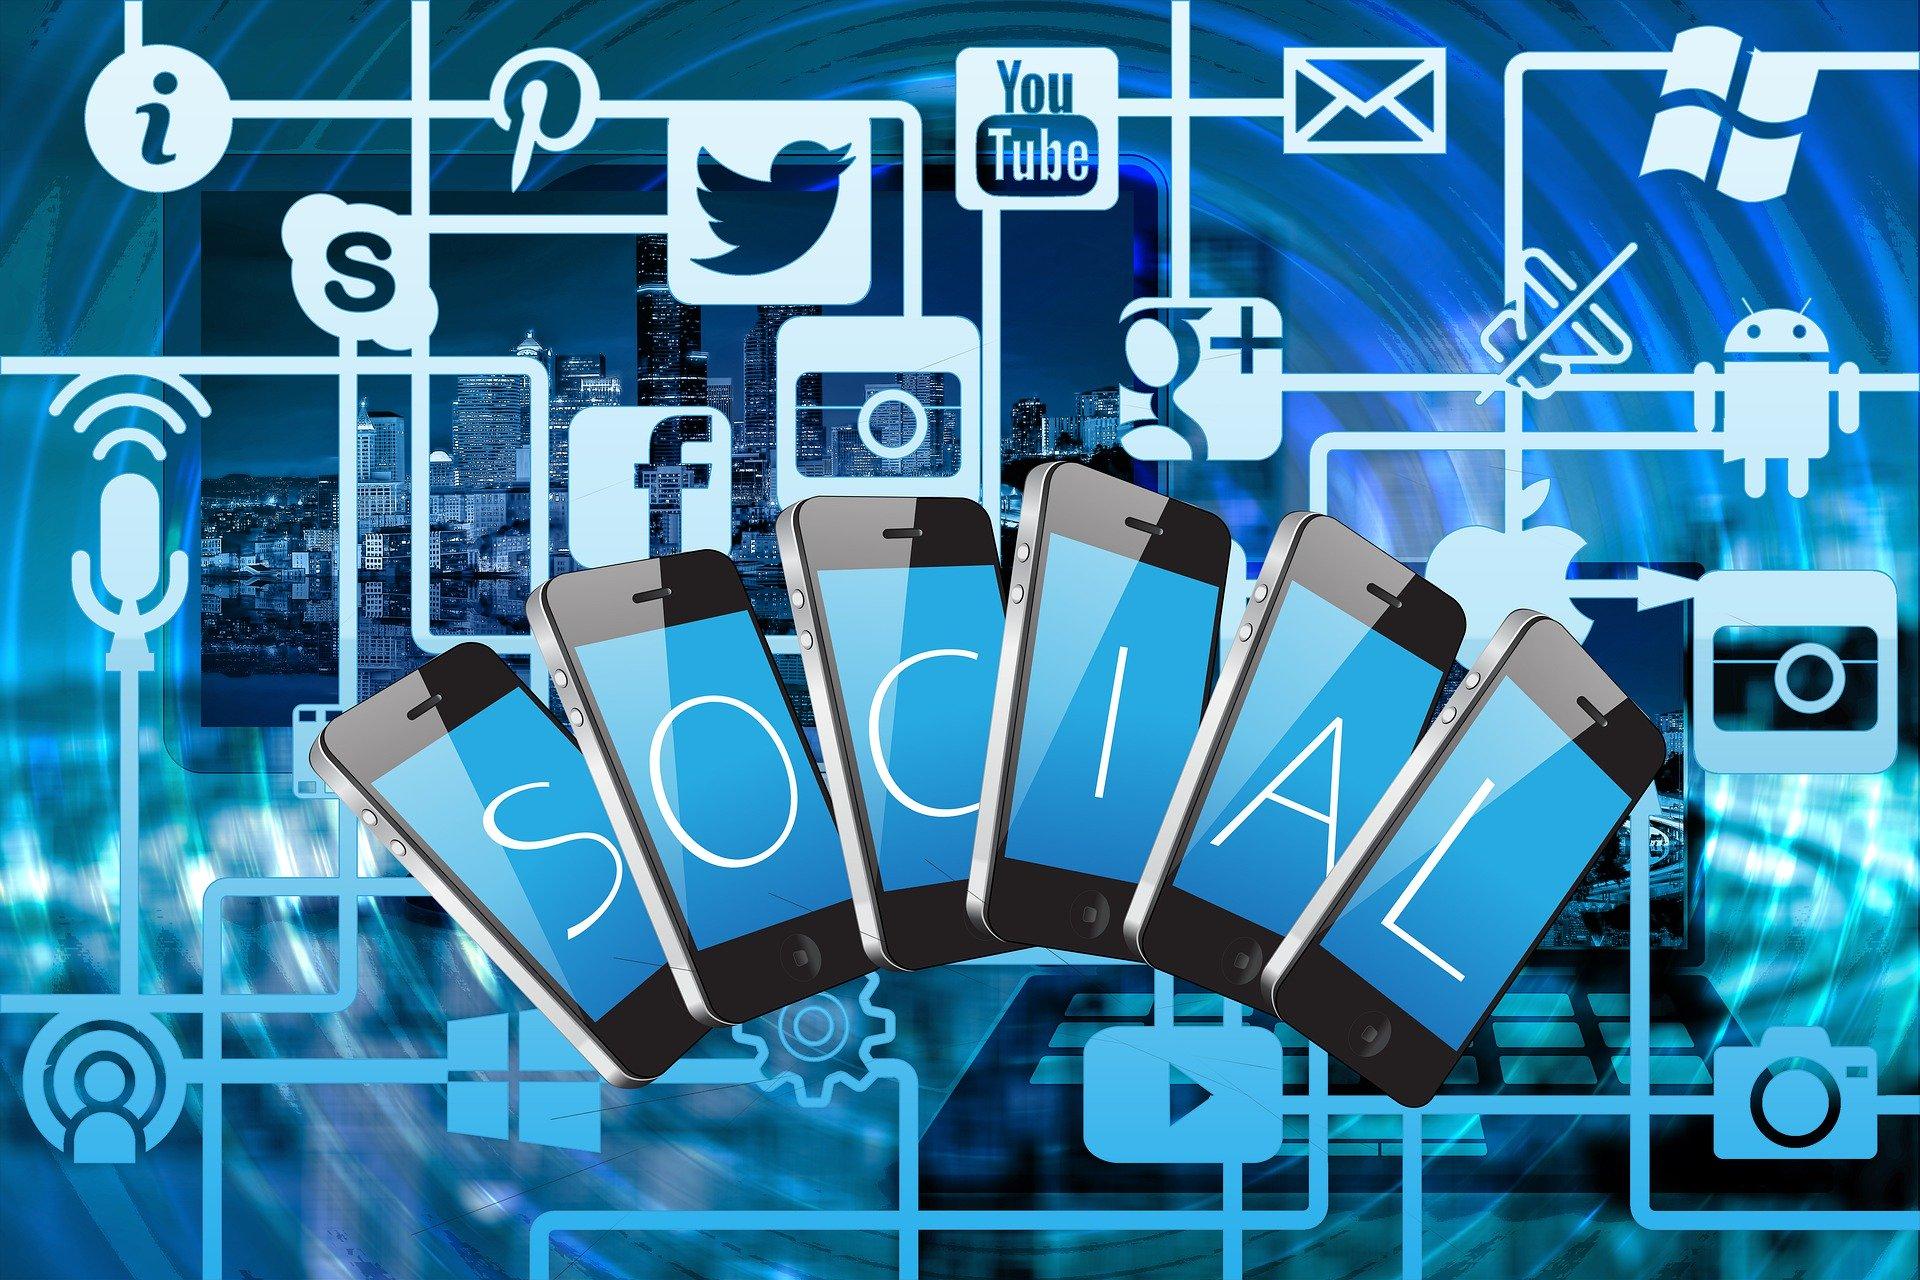 Die neue Facebook Funktion soll bald auch auf Instagram und WhatsApp angeboten werden.